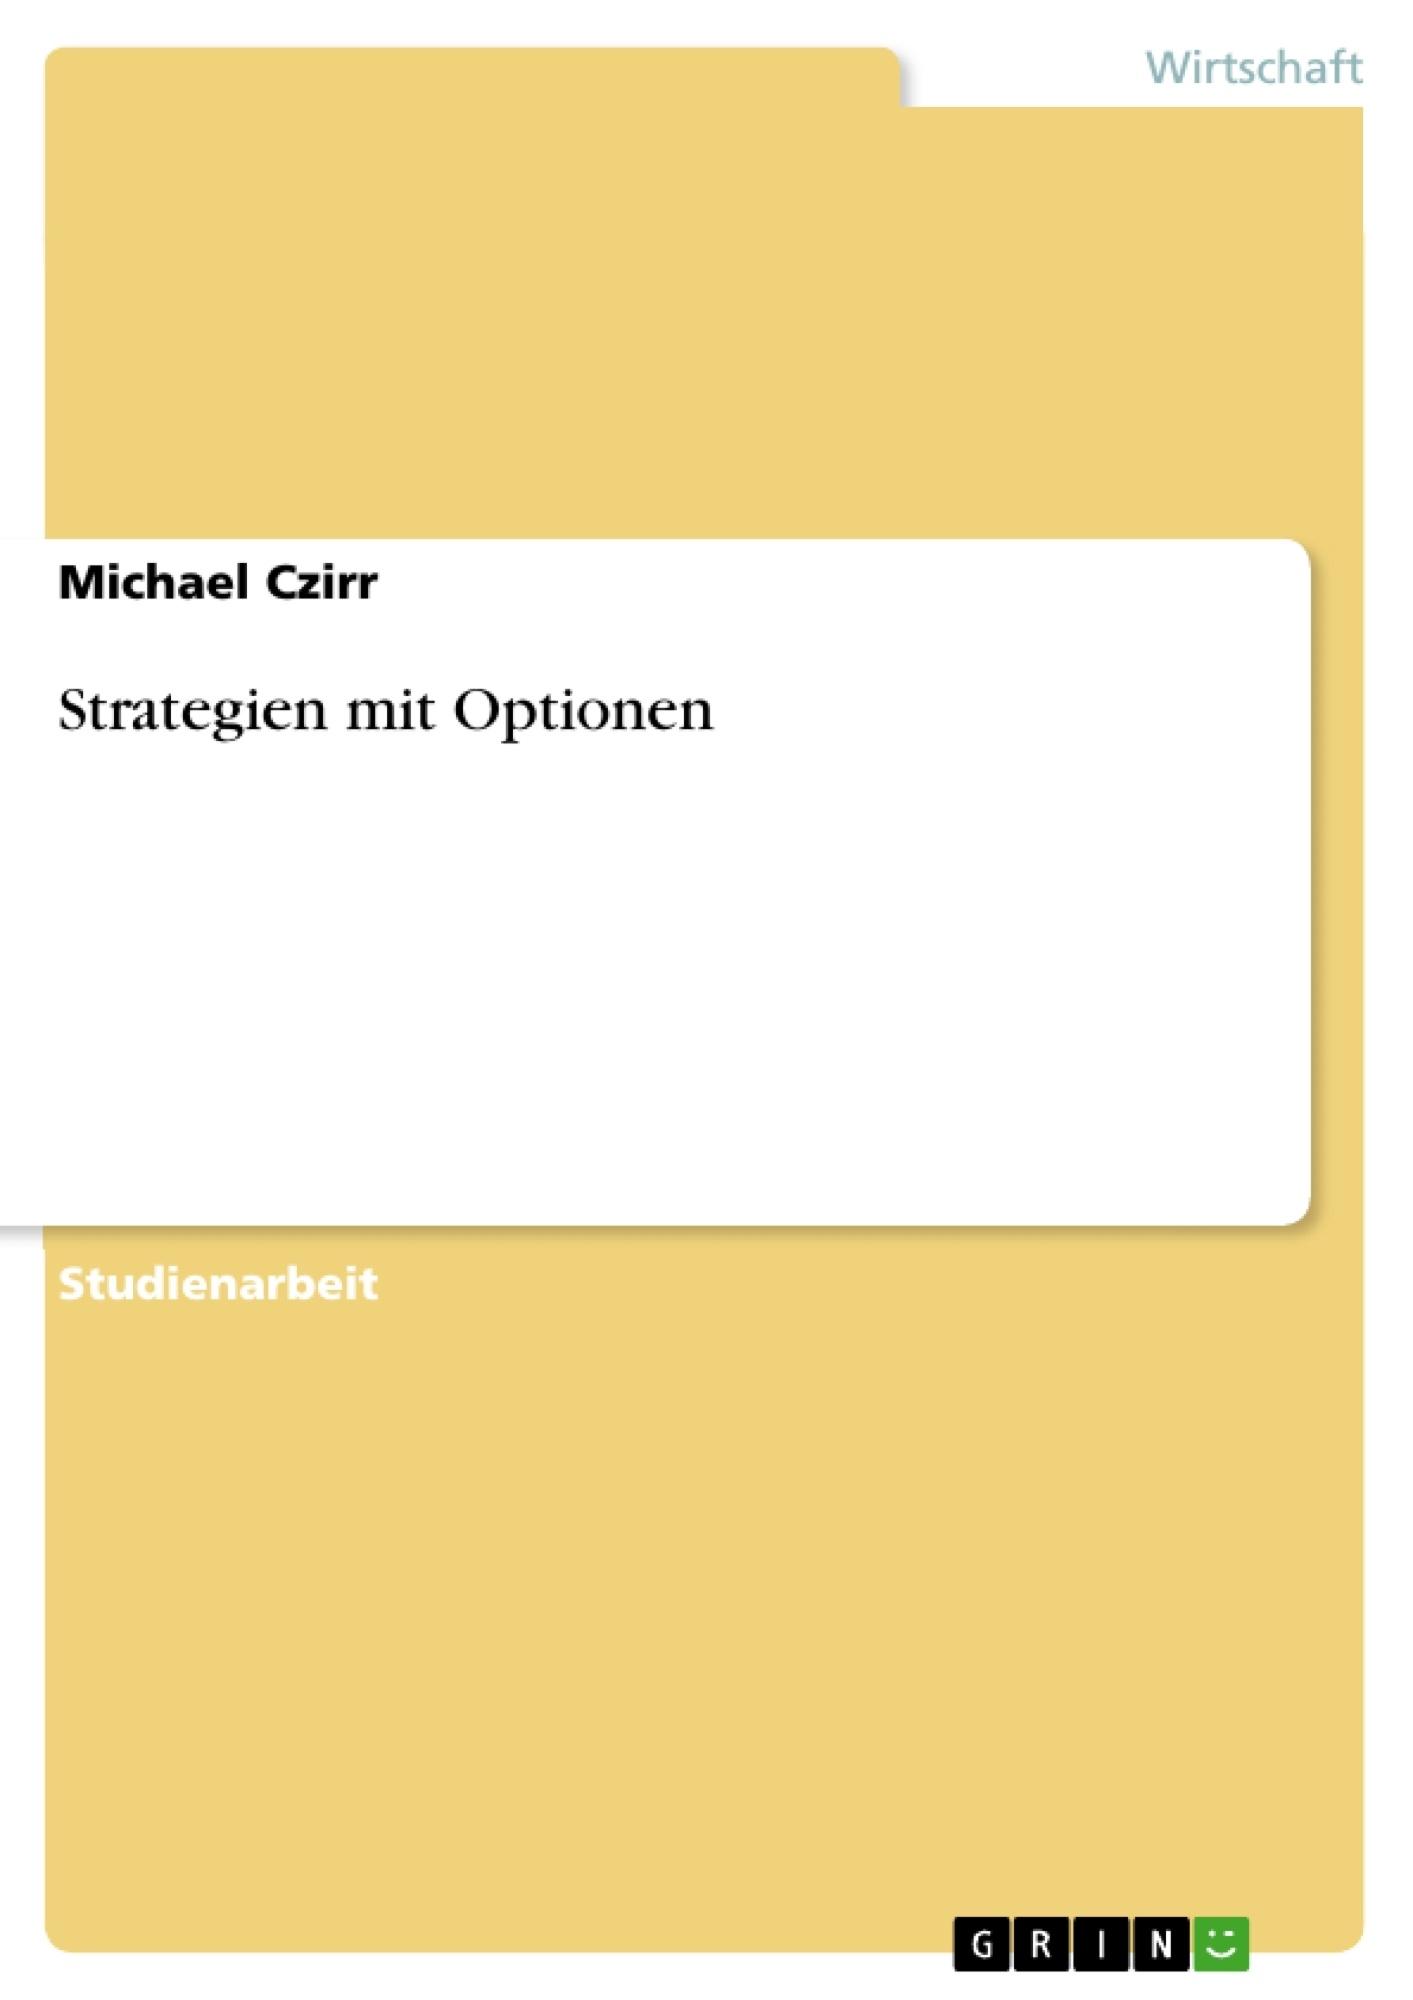 Titel: Strategien mit Optionen